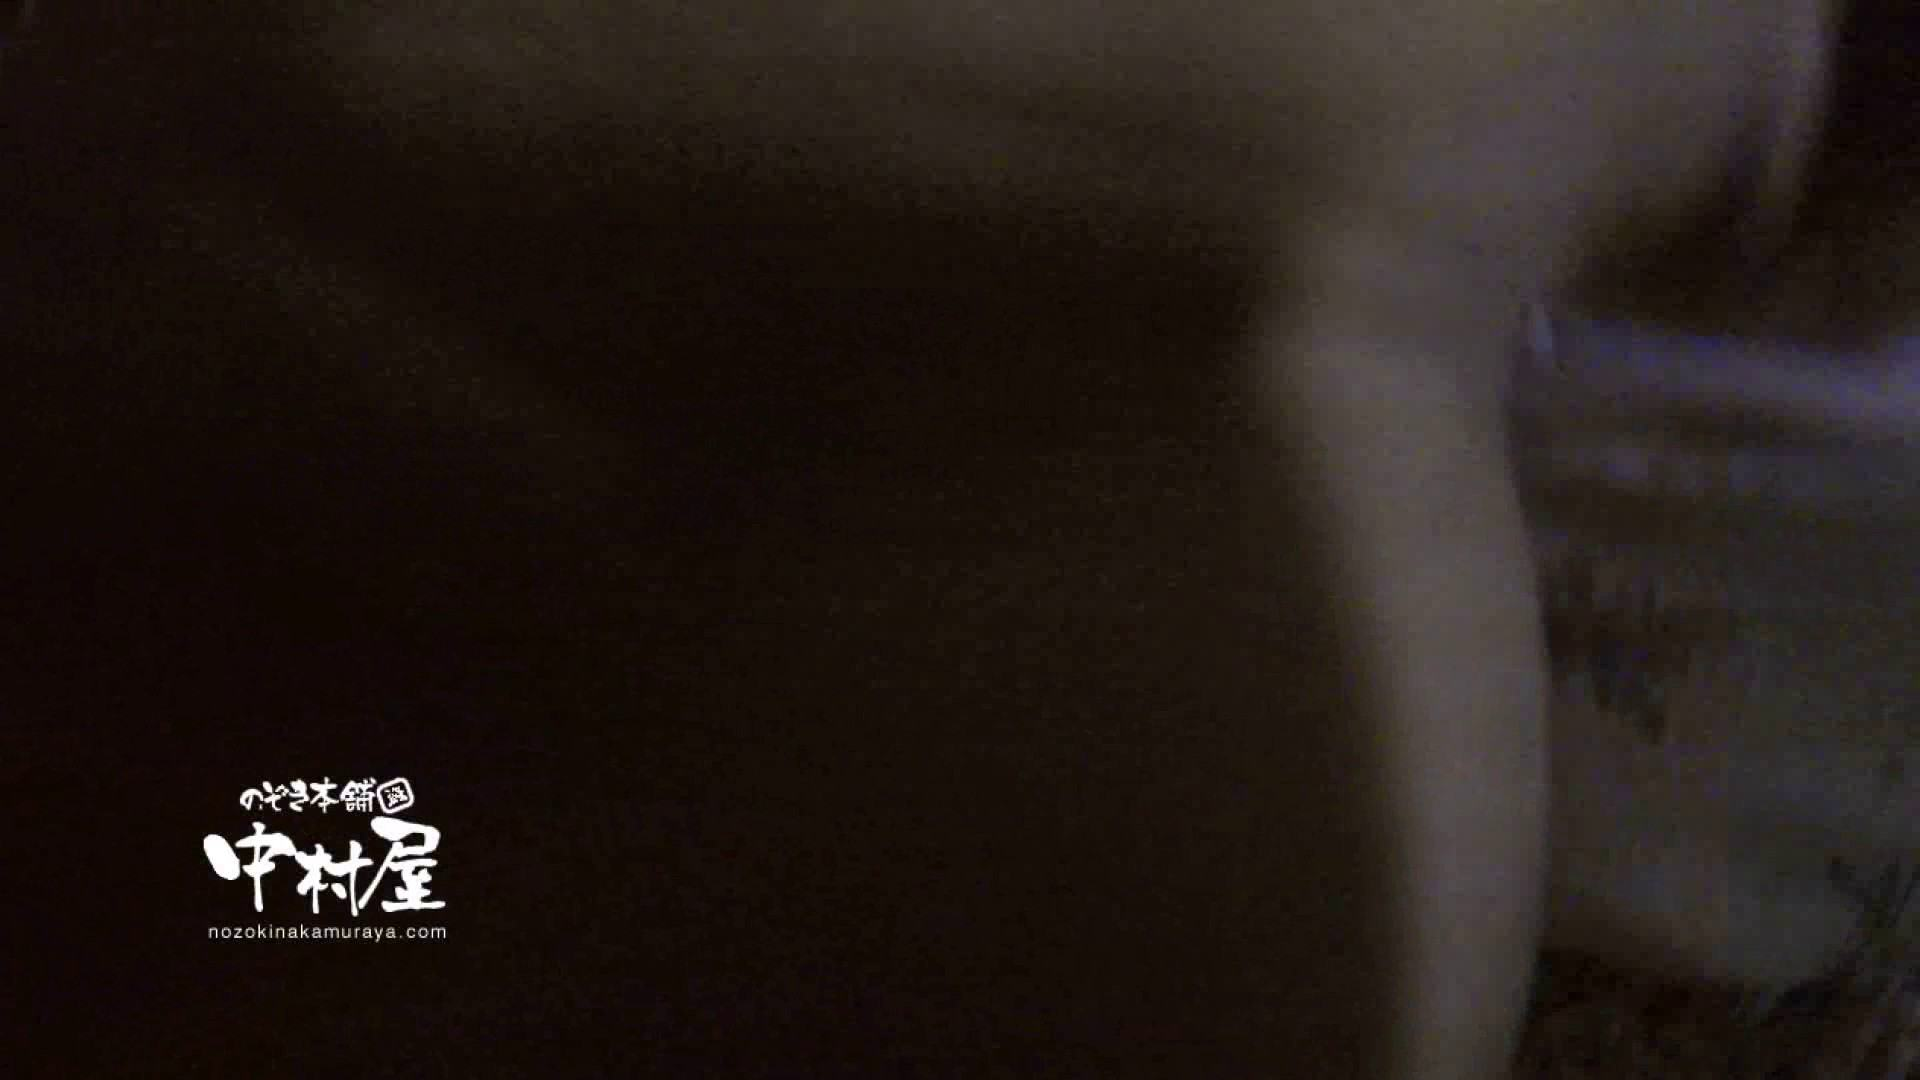 鬼畜 vol.10 あぁ無情…中出しパイパン! 前編 エッチなセックス 盗み撮り動画 107画像 68